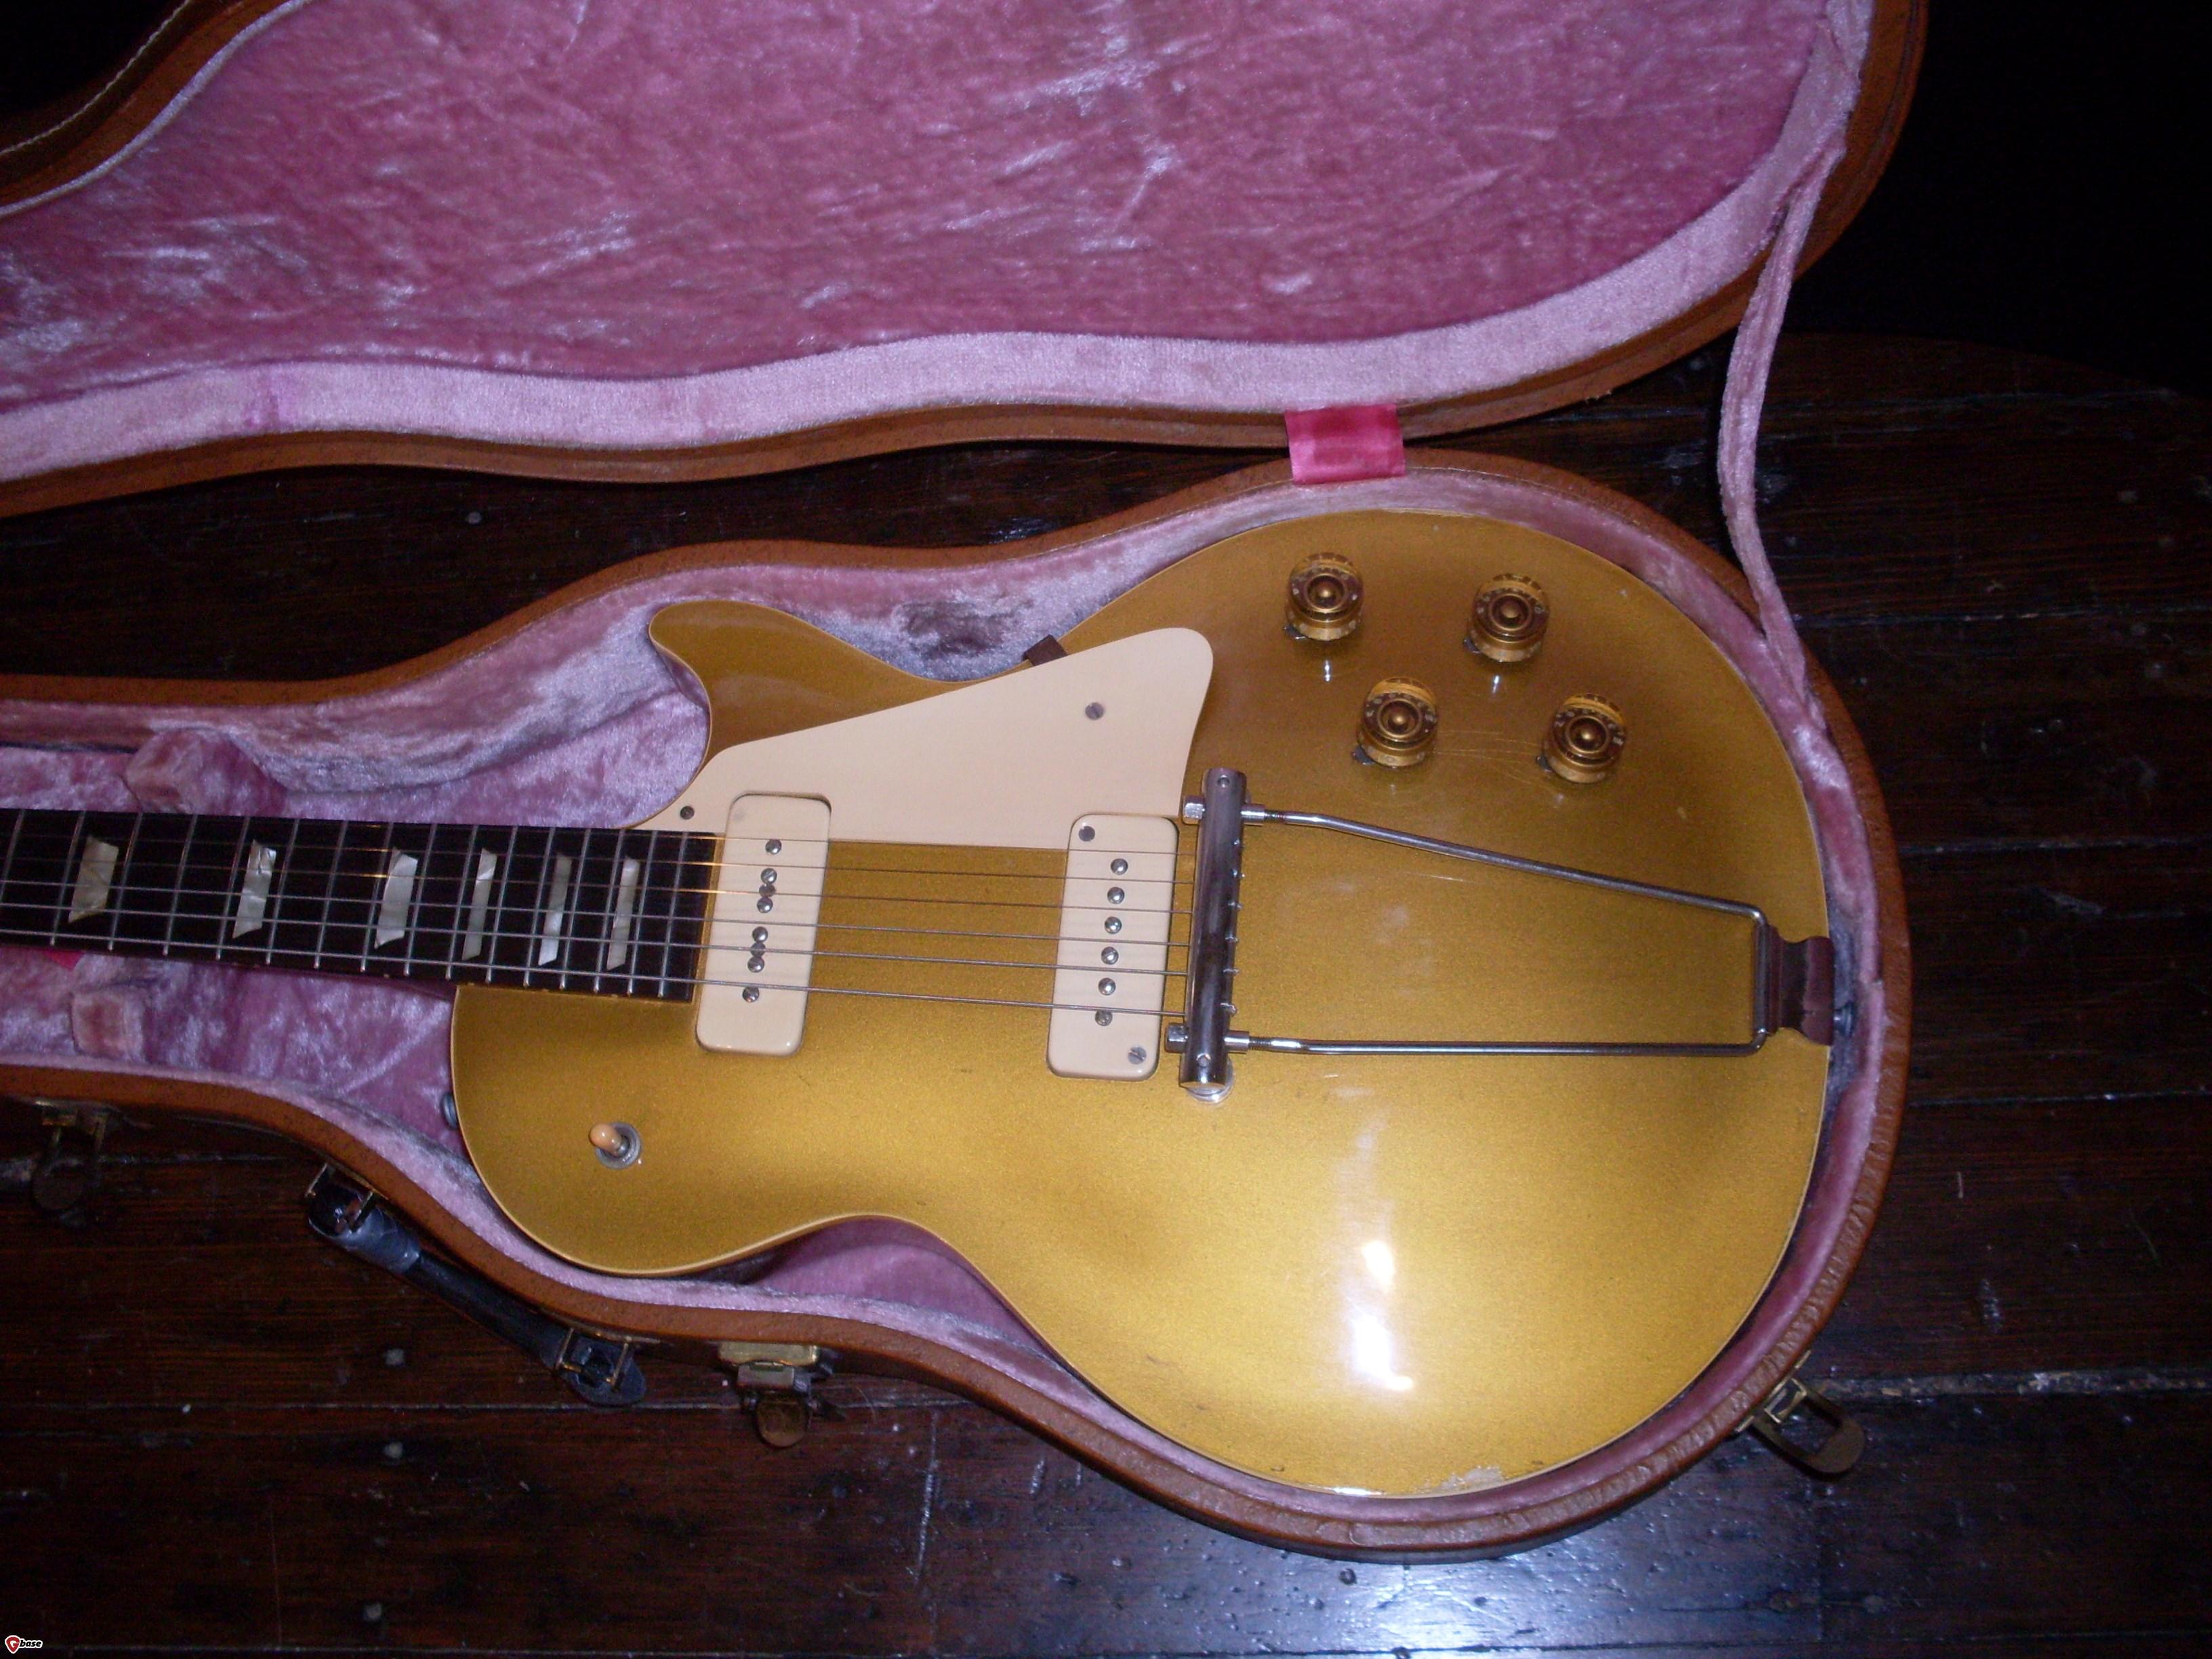 gibson les paul standard 1952 gold guitar for sale ok guitars. Black Bedroom Furniture Sets. Home Design Ideas